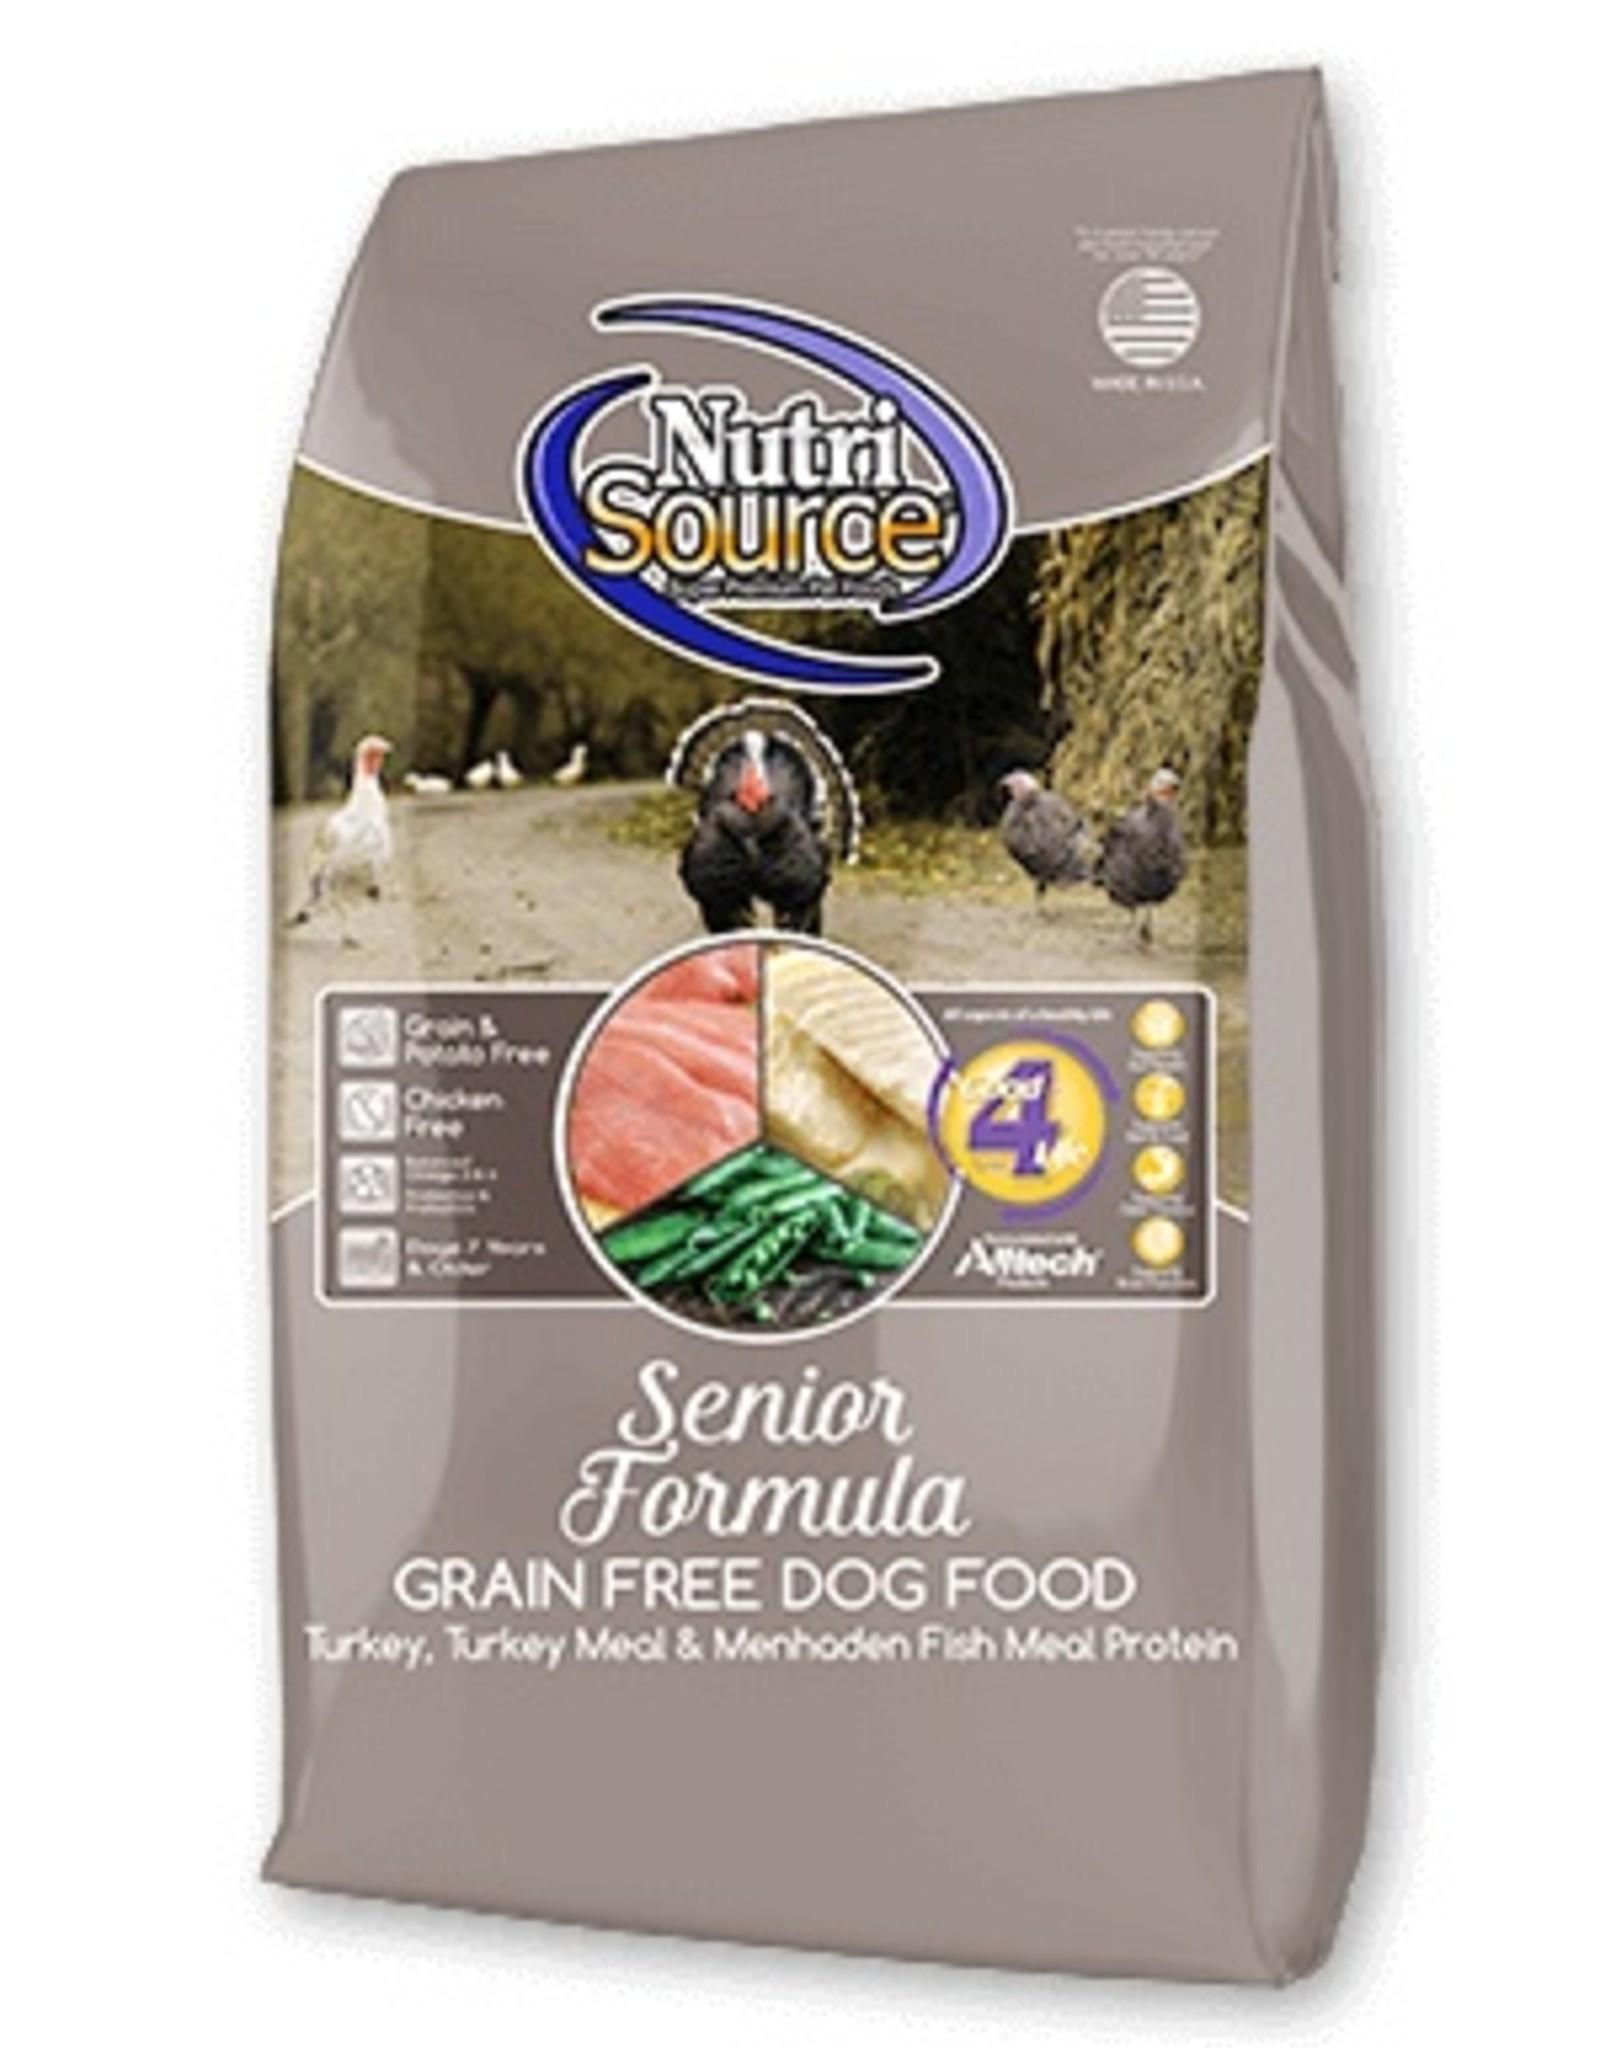 NutriSource NutriSource Grain Free Senior Formula Dog